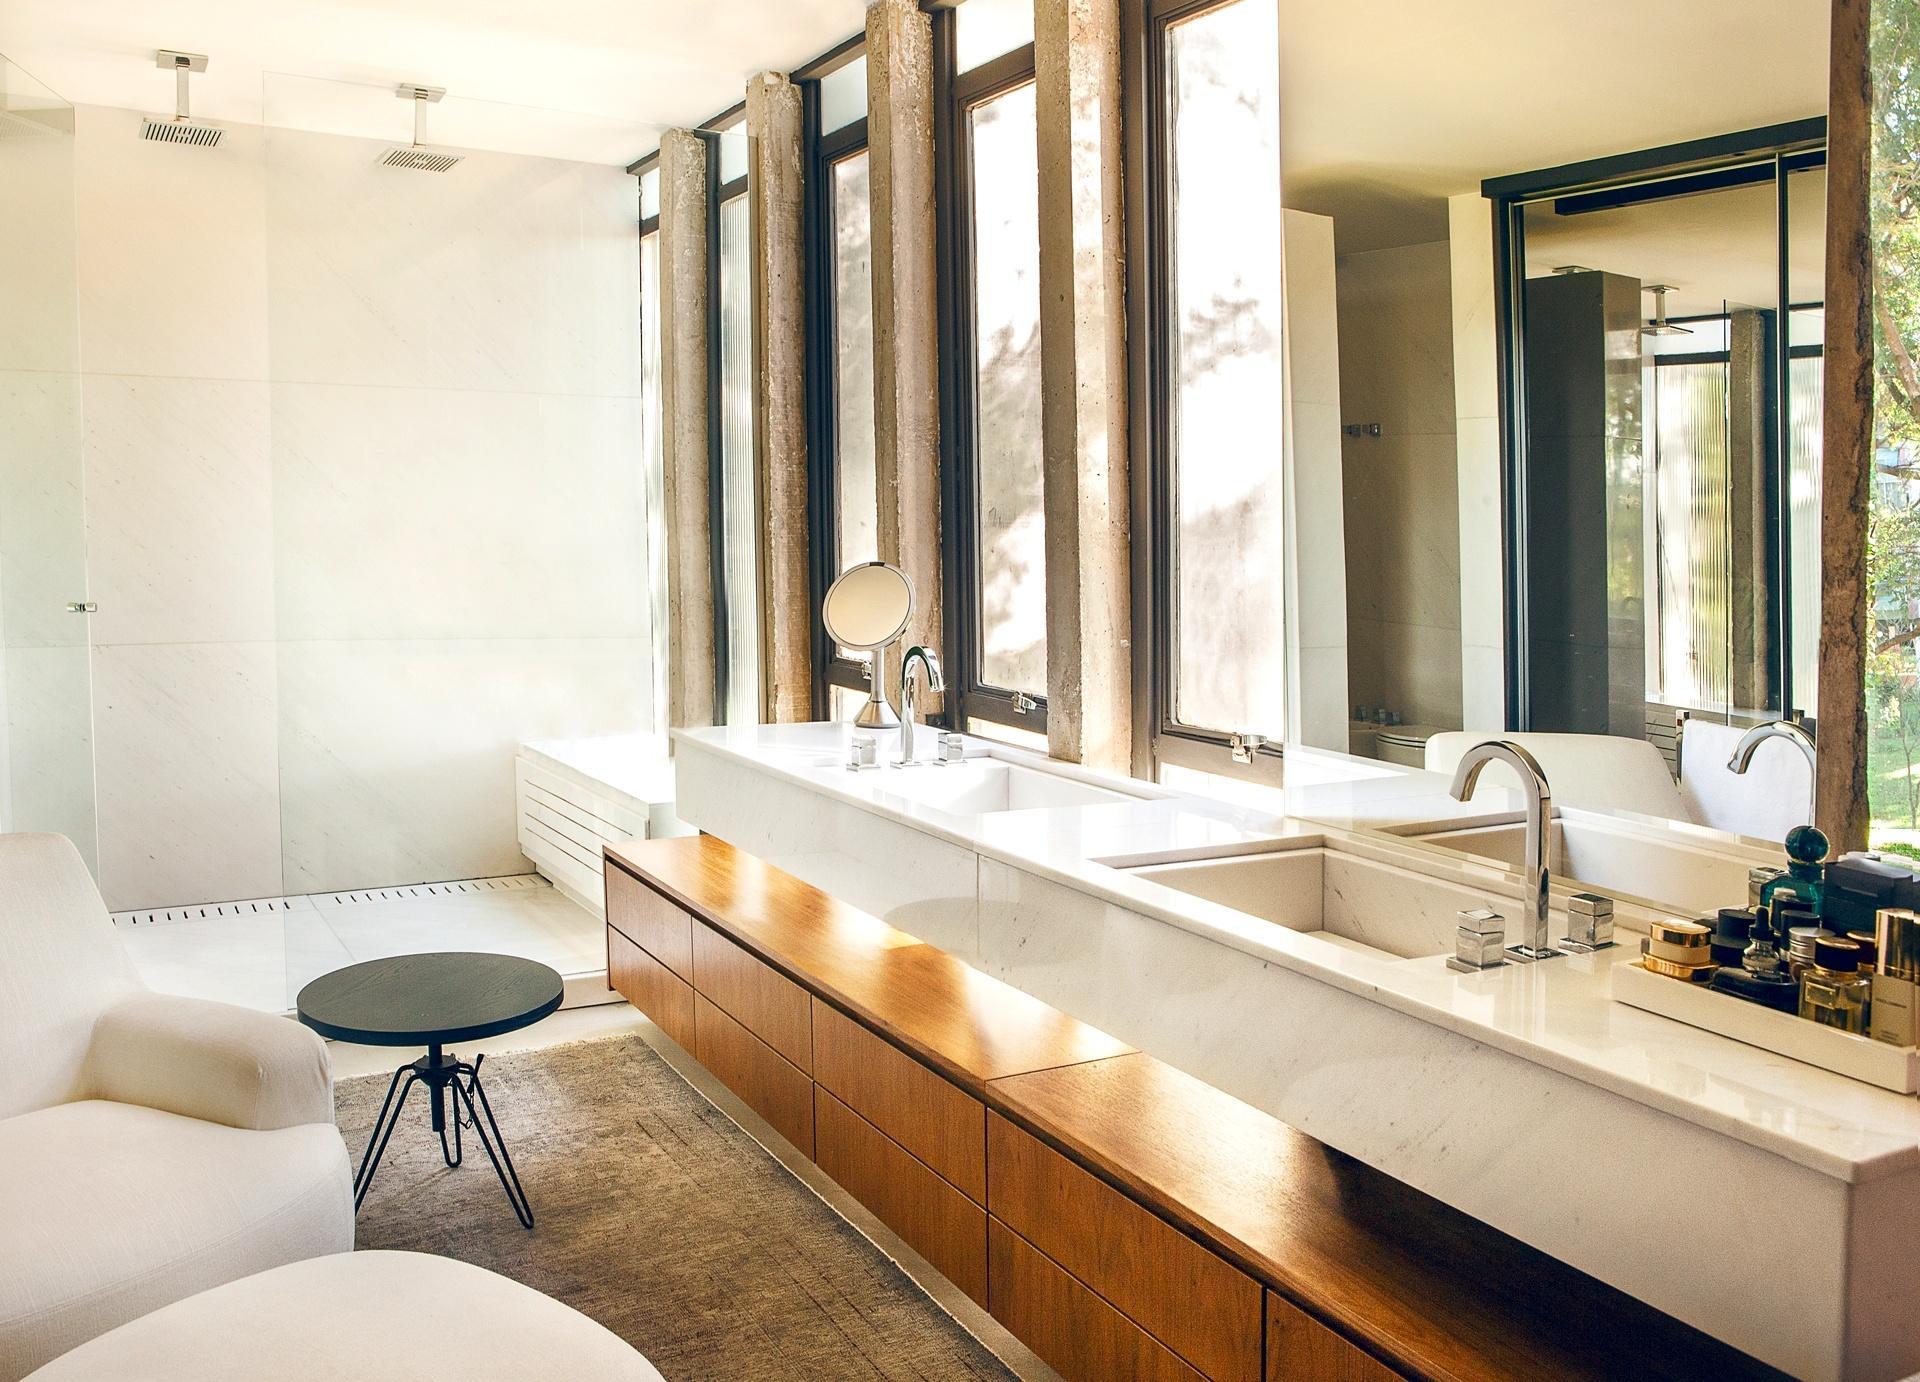 Banheiros: sugestões para decoração tendo muito ou pouco espaço  #724723 1920 1382